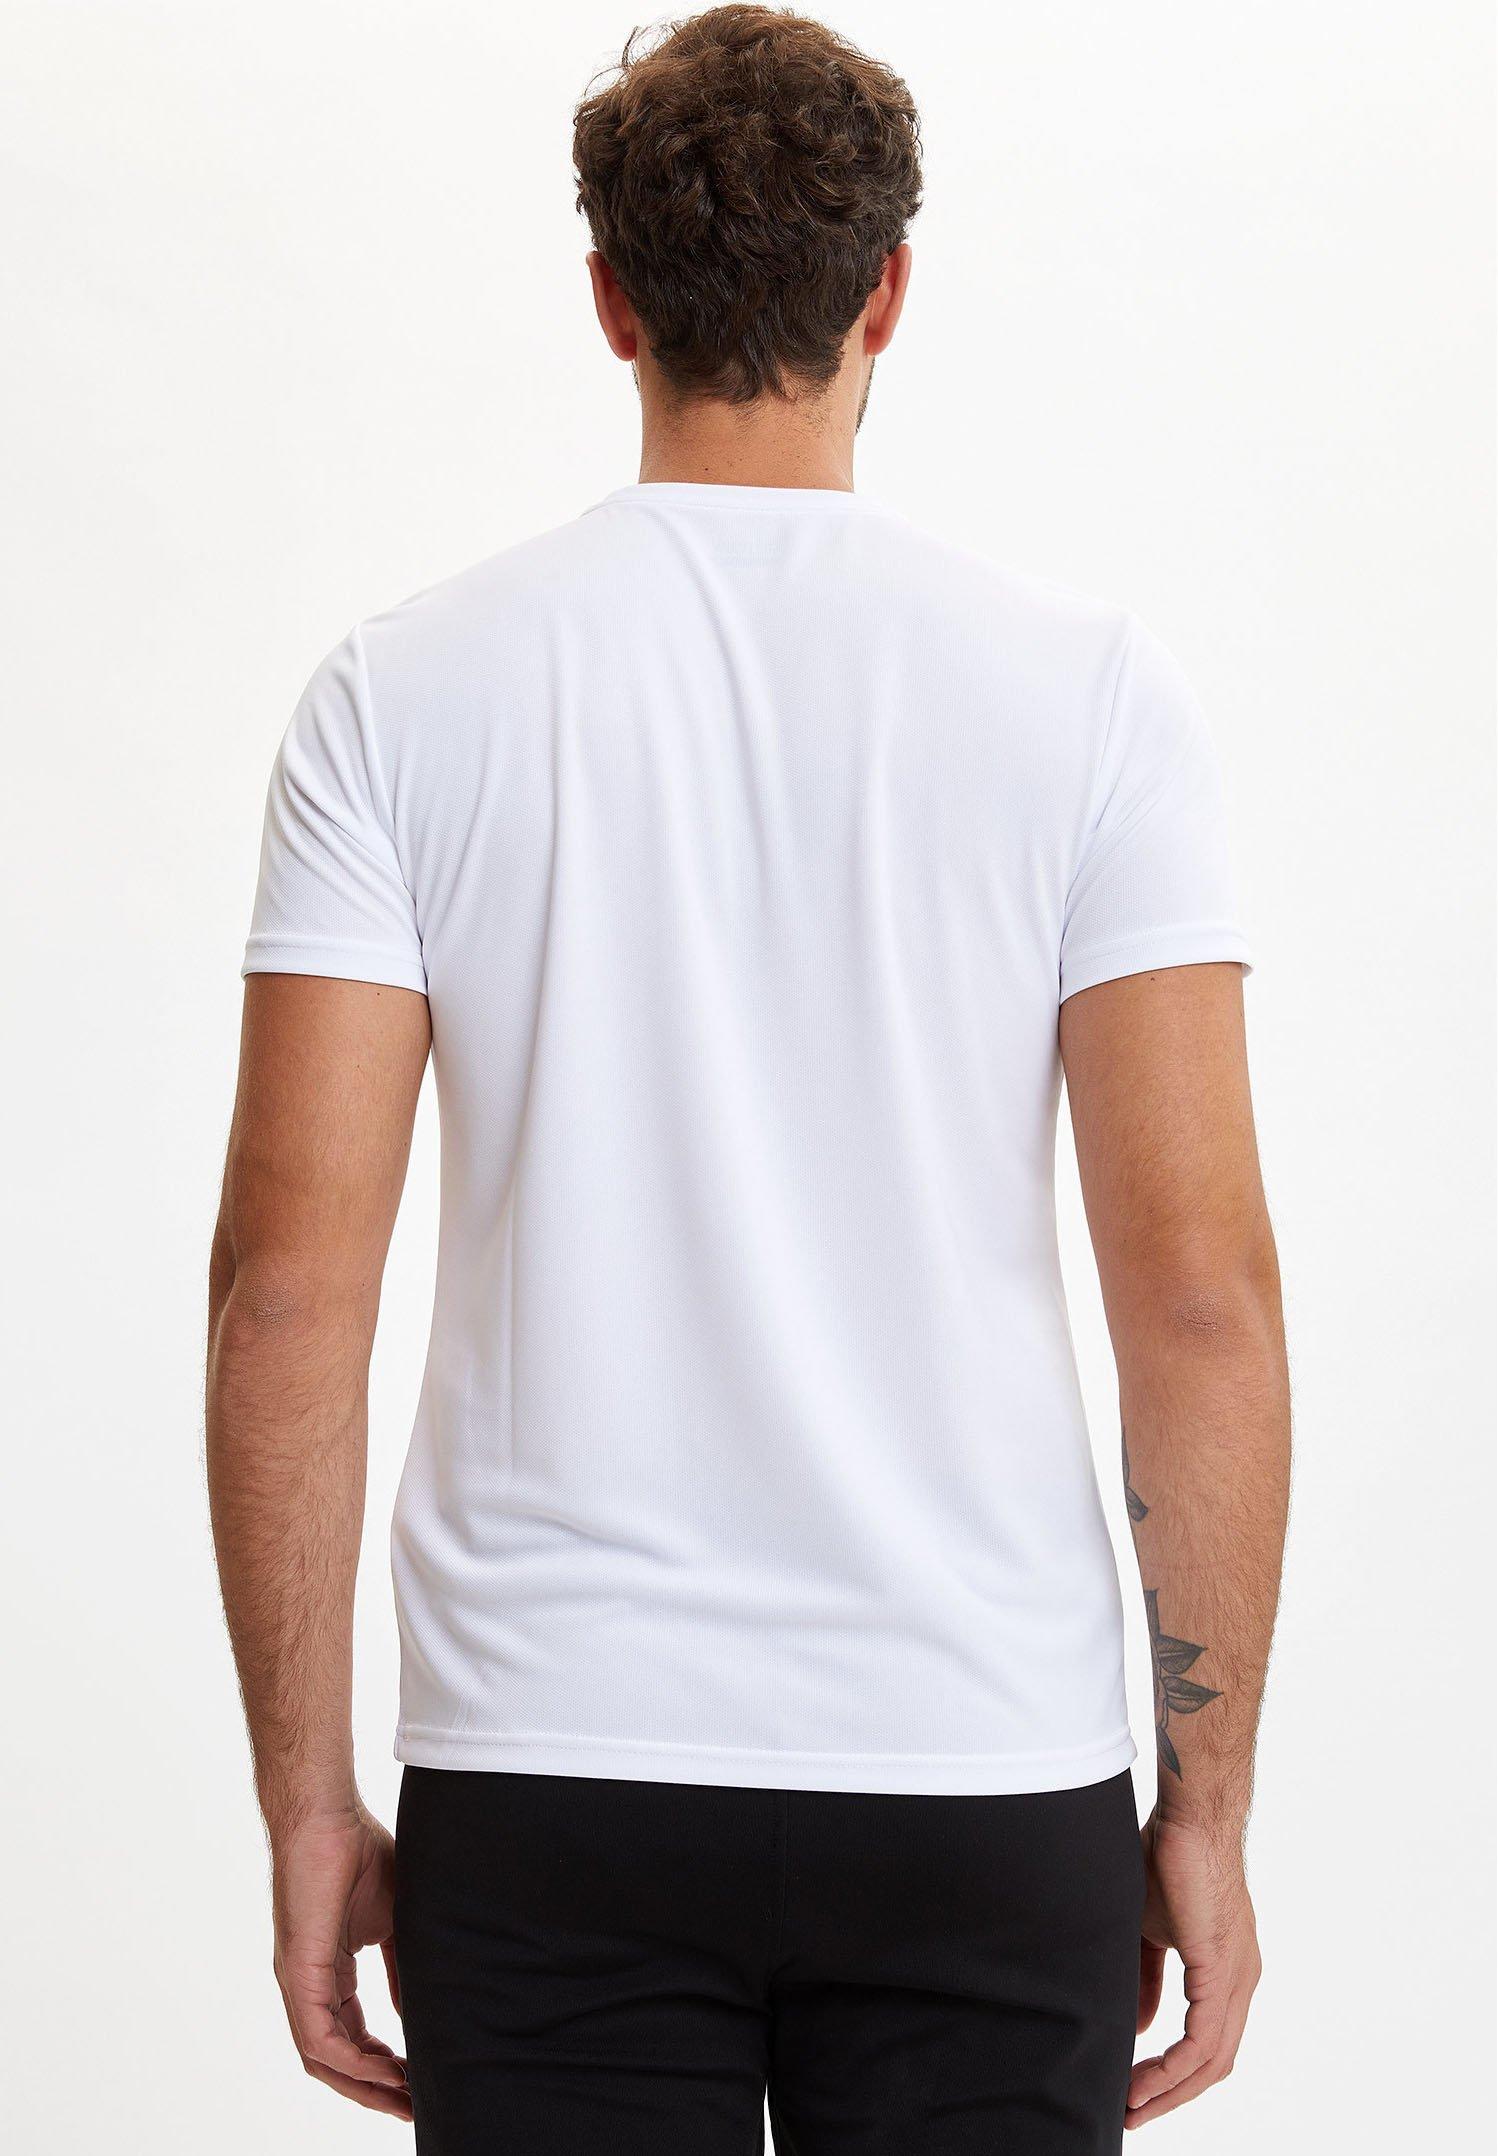 DeFacto Print T-shirt - white FIjO0